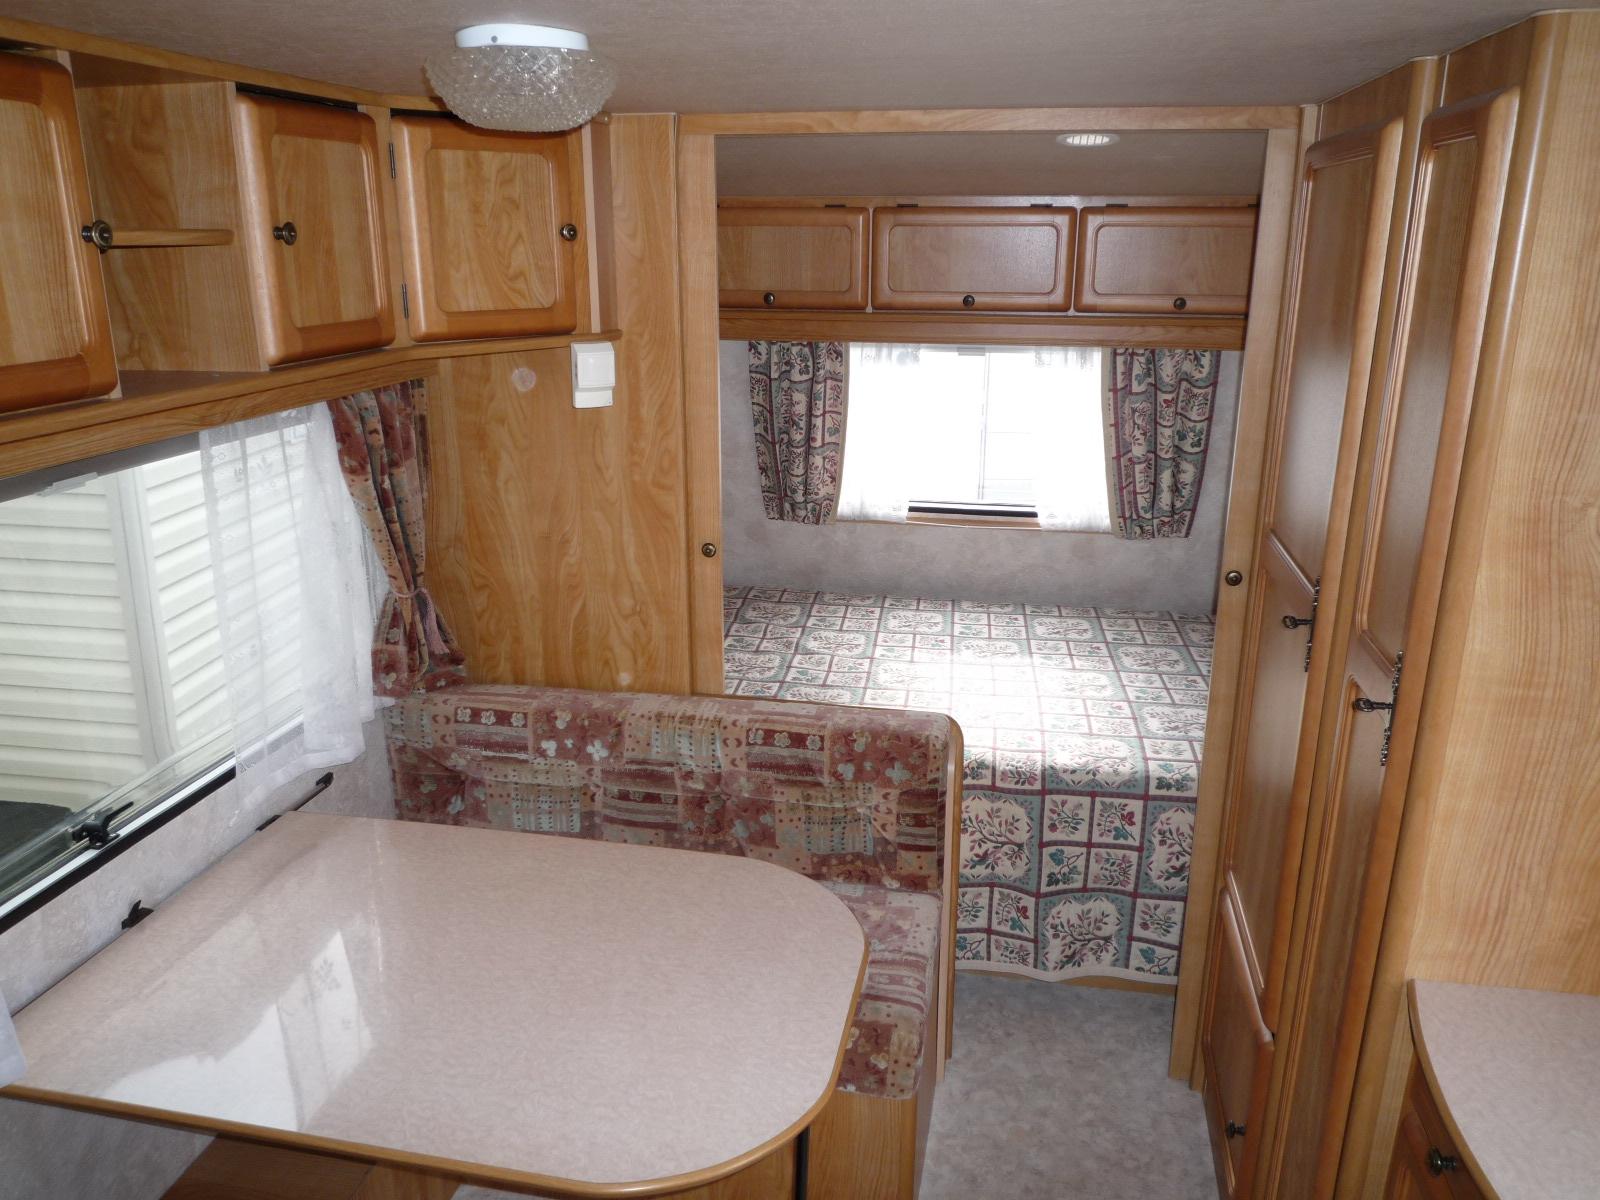 La mancelle 400 cb2 occasion de 1999 caravane en vente st leu d 39 esserent oise 60 - Salon de la caravane d occasion ...